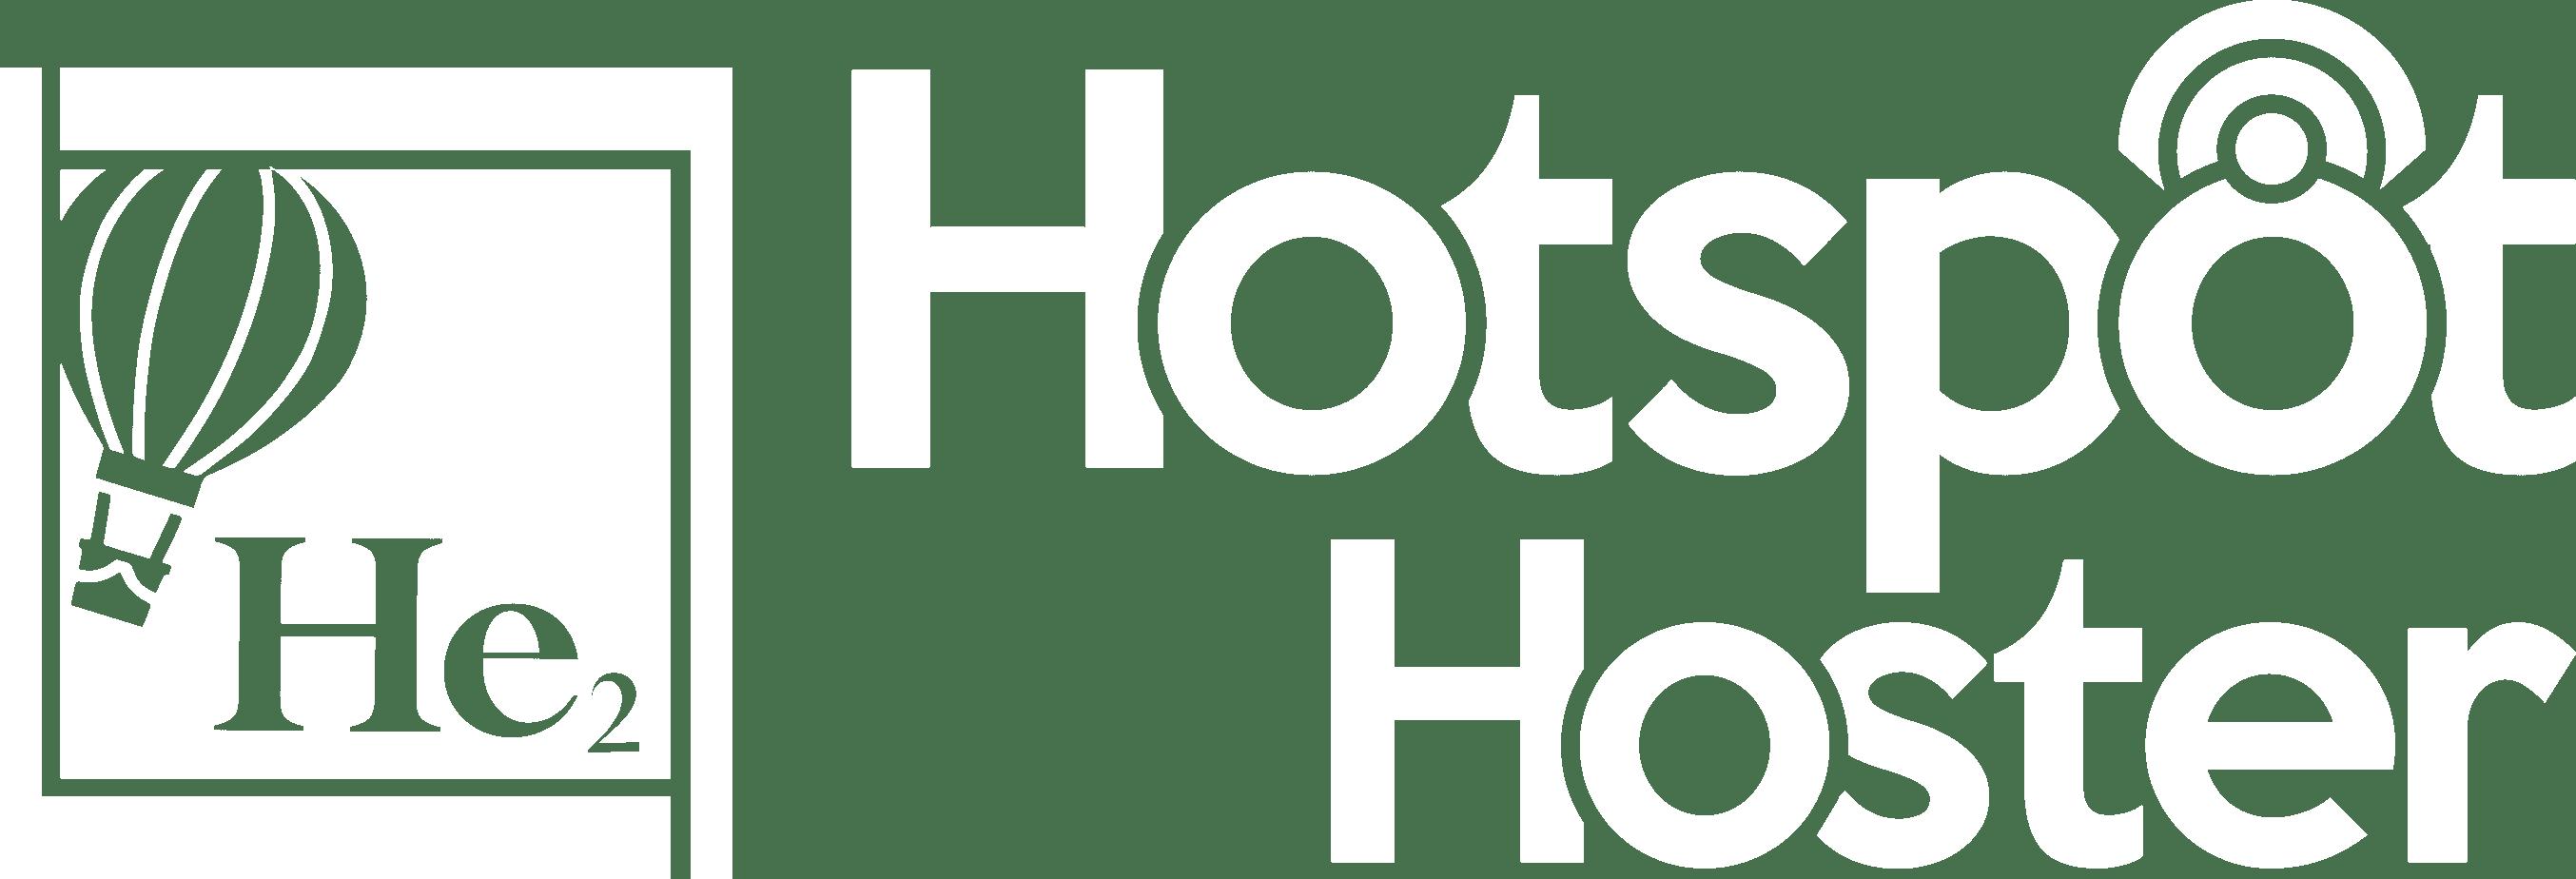 DD - Hotspot Hoster Logo White